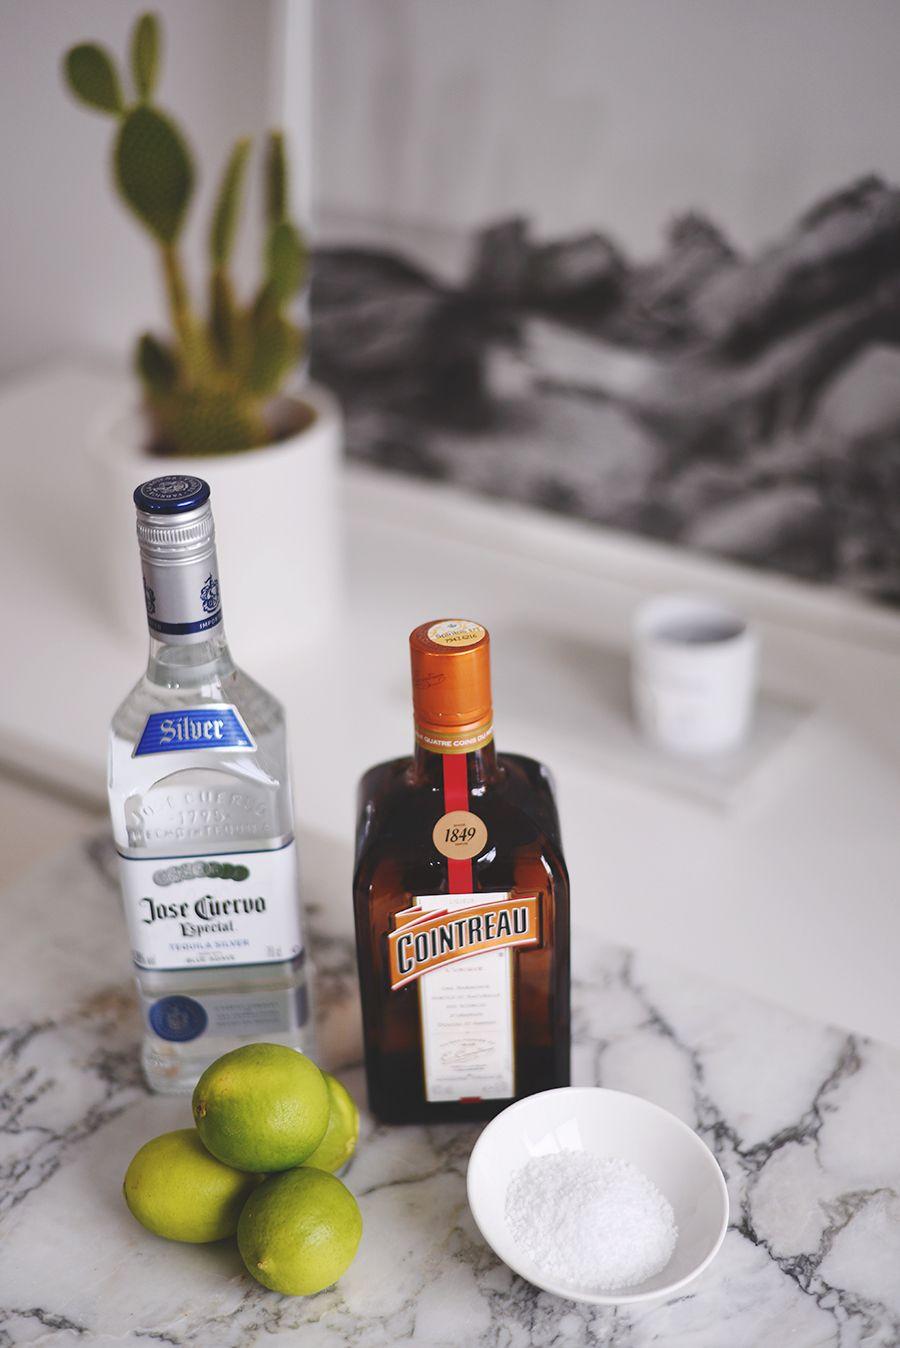 Magaritas. Yay det er fredag! Og måske endda også juleferie for nogle af jer? Det er det ikke helt for mig endnu, men eftersom vi smutter på spa i Sverige i dag til i morgen, så føles det næsten som om ferien er startet. Og så er fredagscocktailstilbage. Hjernerystelse og alkohol er en dårlig kombination, men …